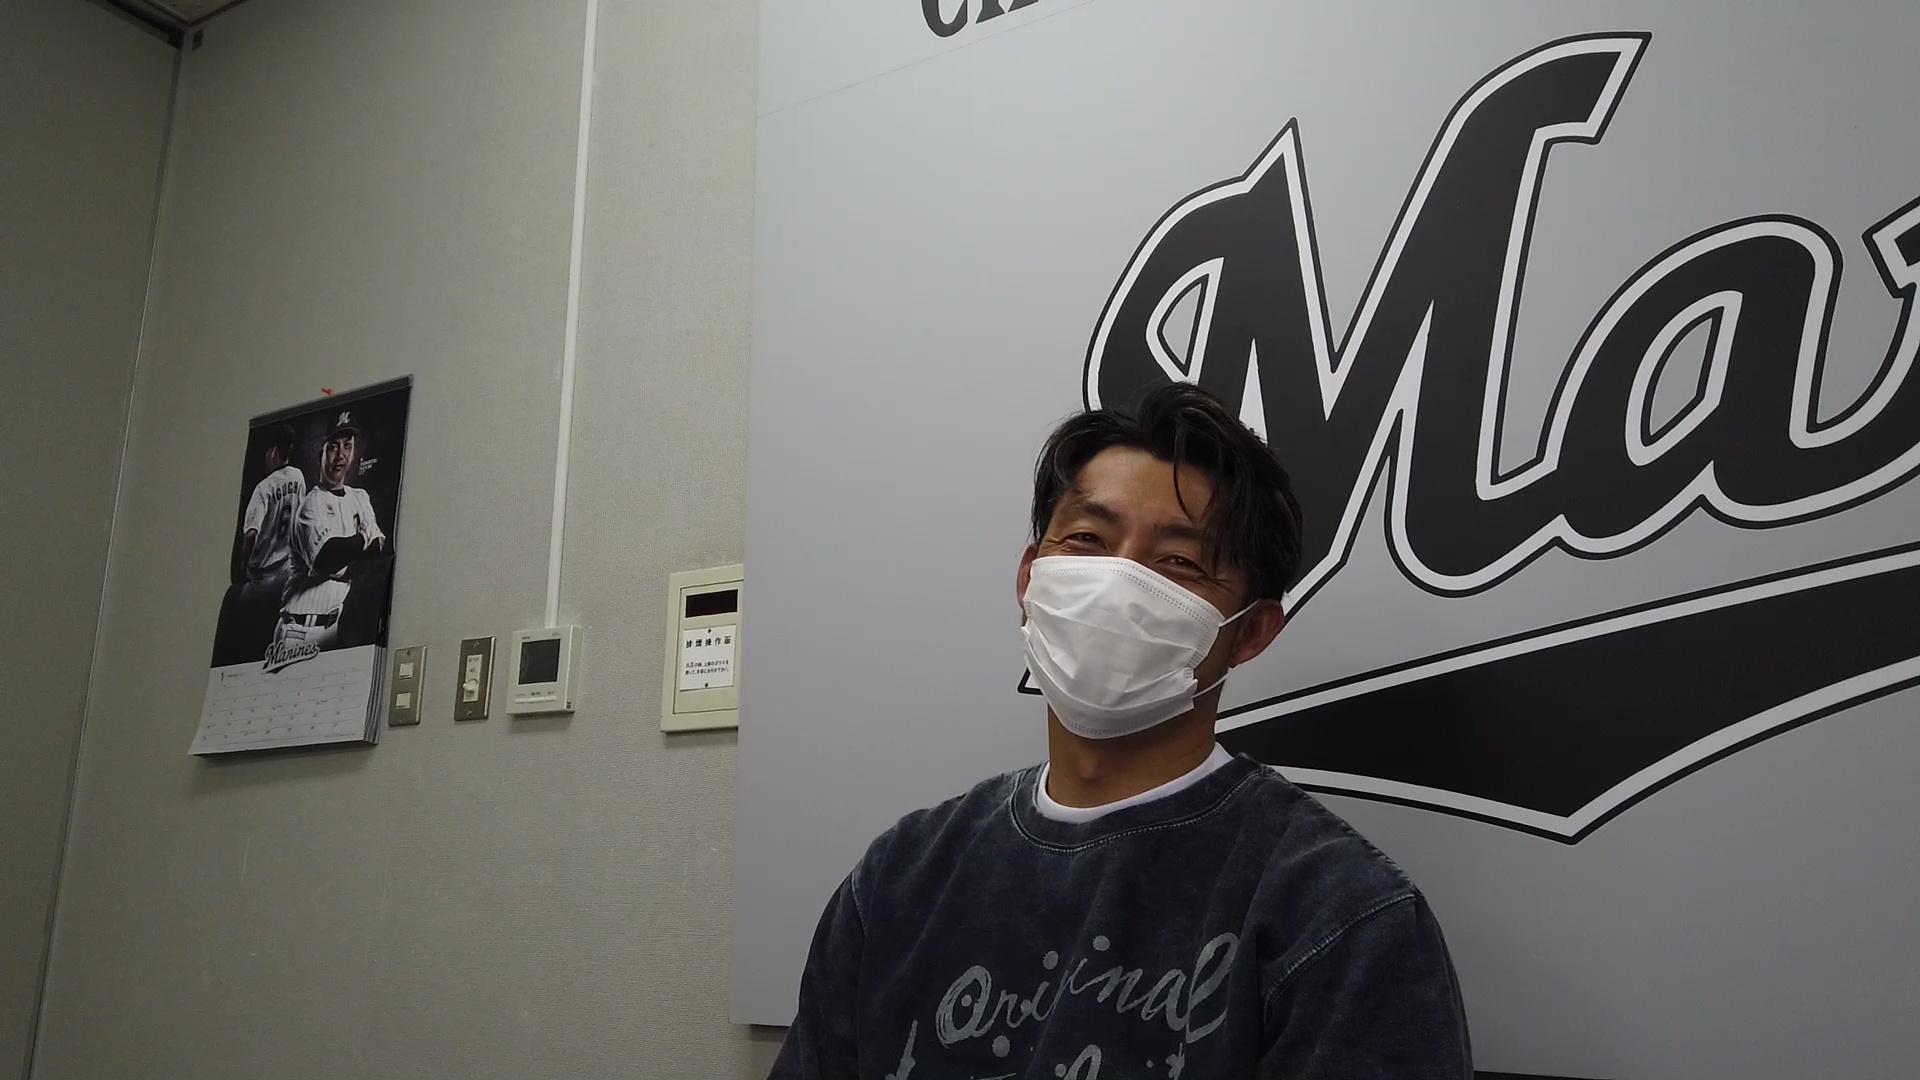 鳥谷敬「甲子園」への思いなどを語る【広報ミニカメラ】